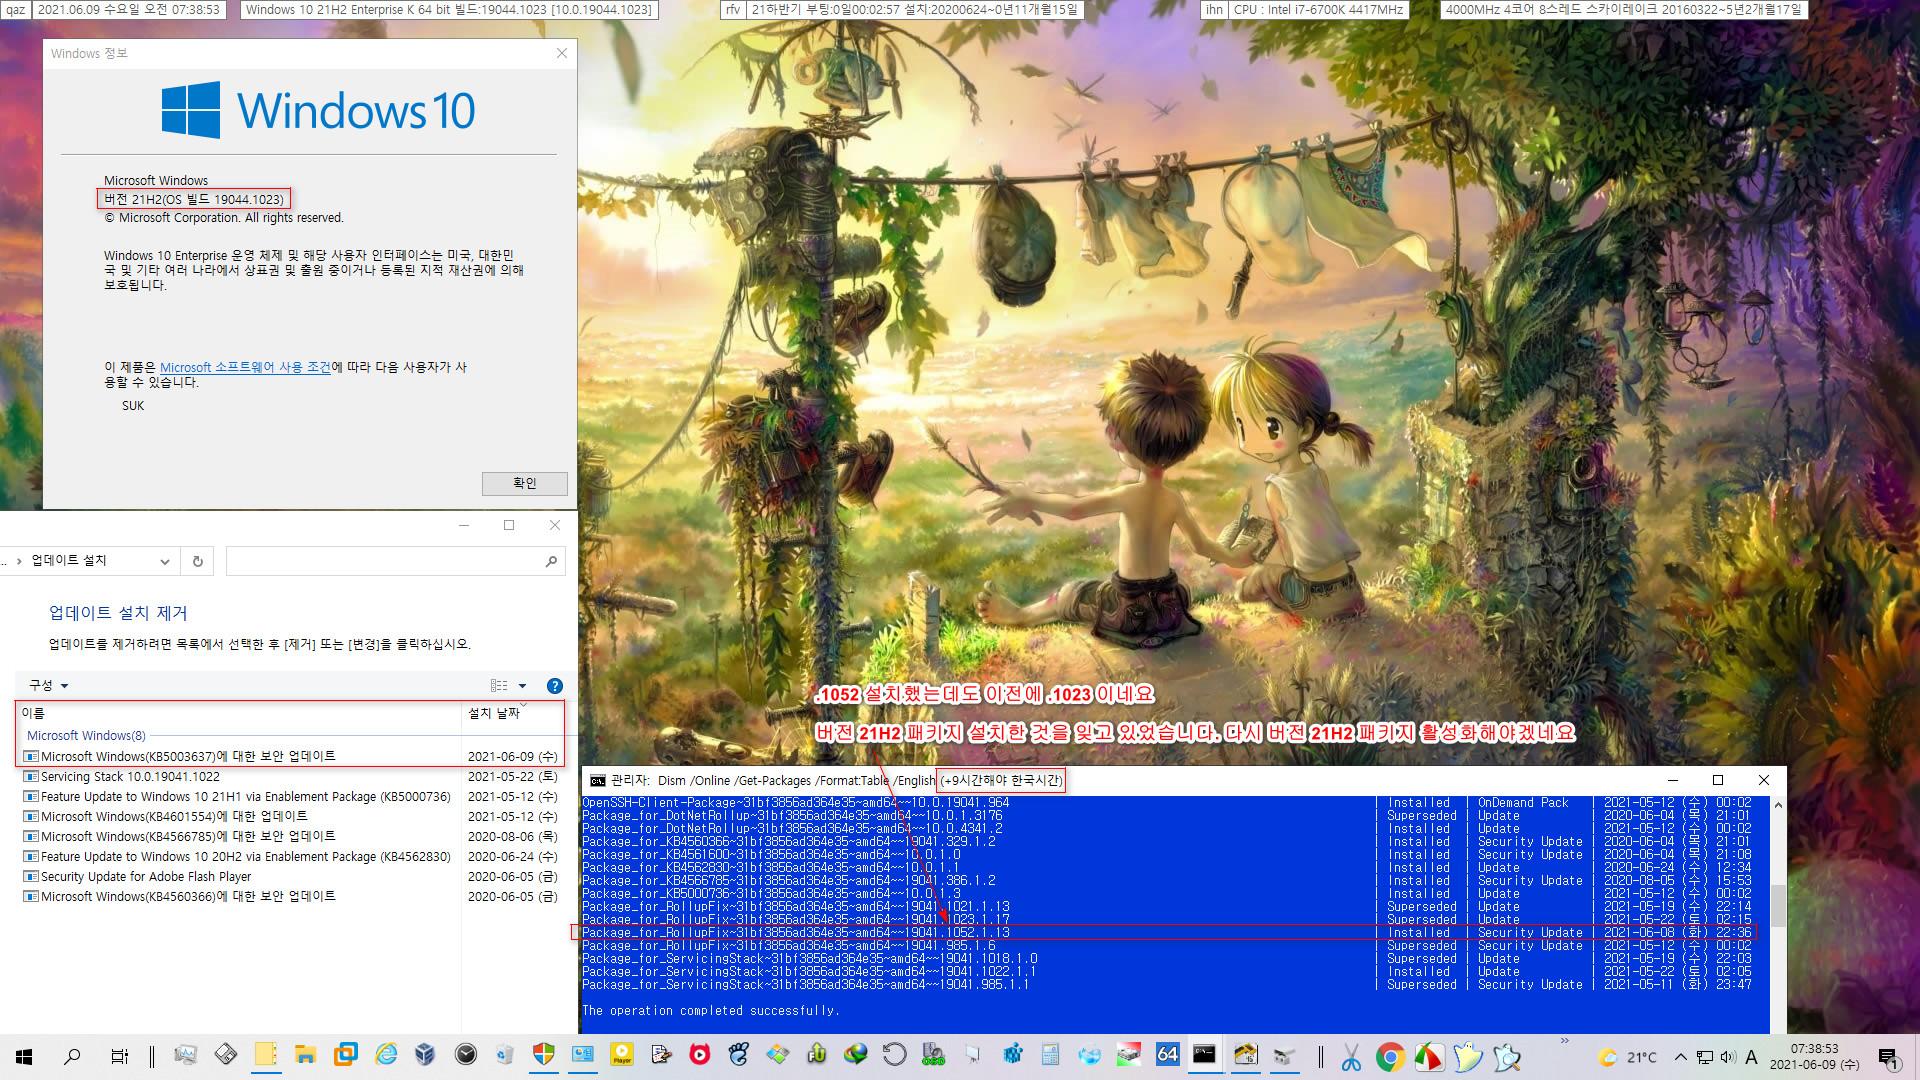 2021-06-09 수요일 정기 업데이트 - Windows 10 버전 21H2 (OS 빌드 19044.1052) - 공용 누적 업데이트 KB5003637 - 실컴에 설치 - 재부팅 후 - 빌드 뒤에 리비전이 변경되지 않아서 21H2 재활성화 해야 함 2021-06-09_073853.jpg